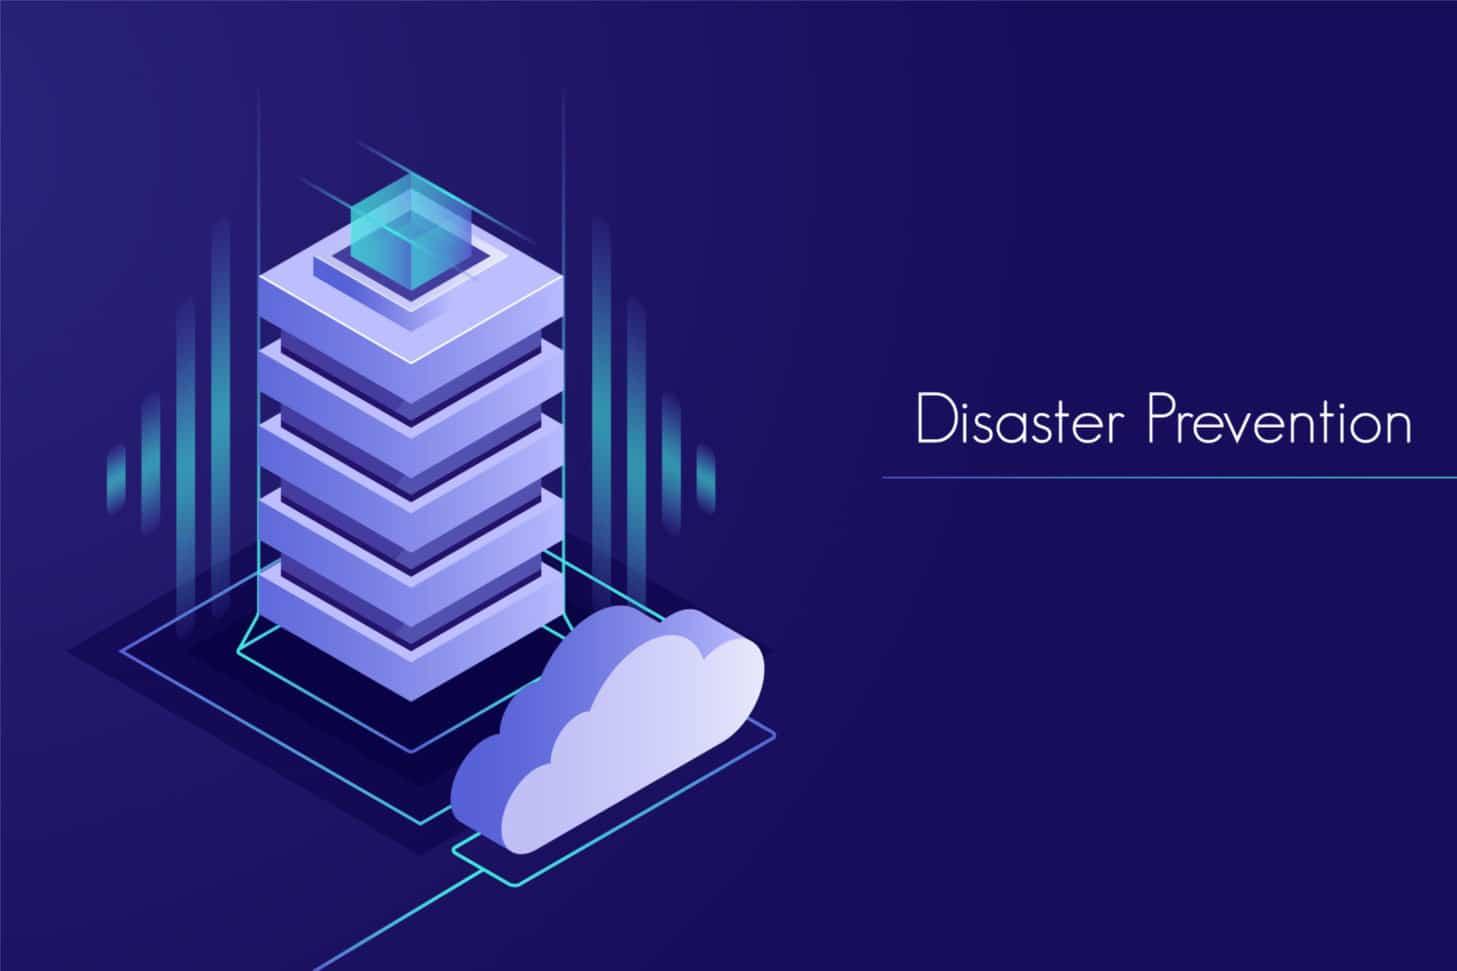 Disaster-prevention